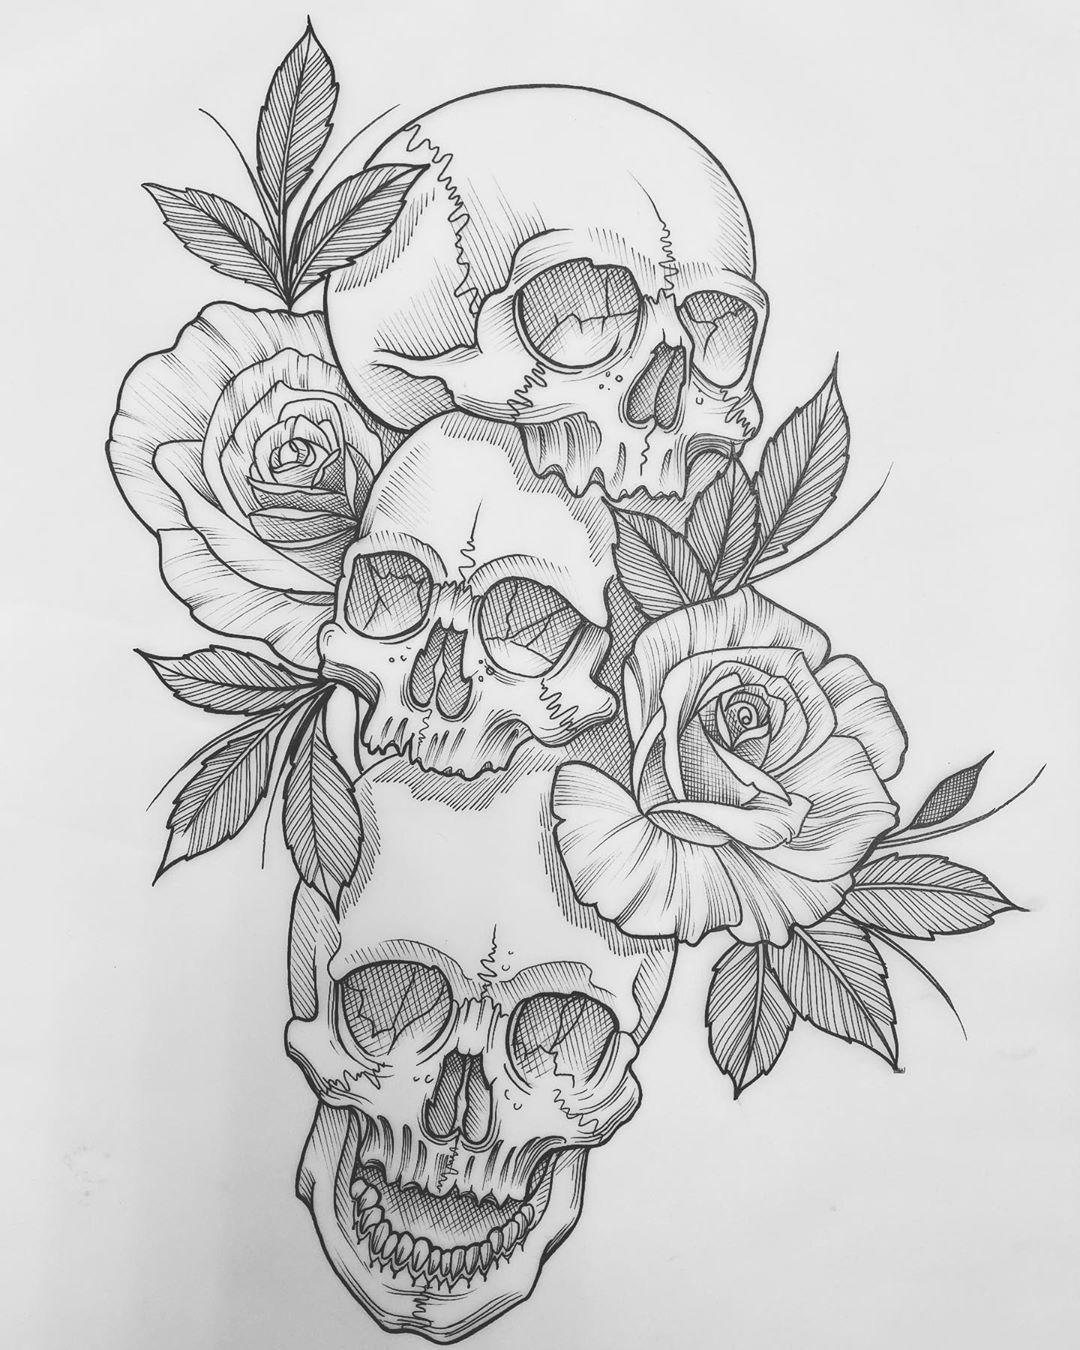 Ross Cook On Instagram Happy Valentines Skullandroses Skull Skulltattoo Rose Rosetattoo Flowerta In 2020 Tattoo Apprenticeship Skull Art Skull Tattoo